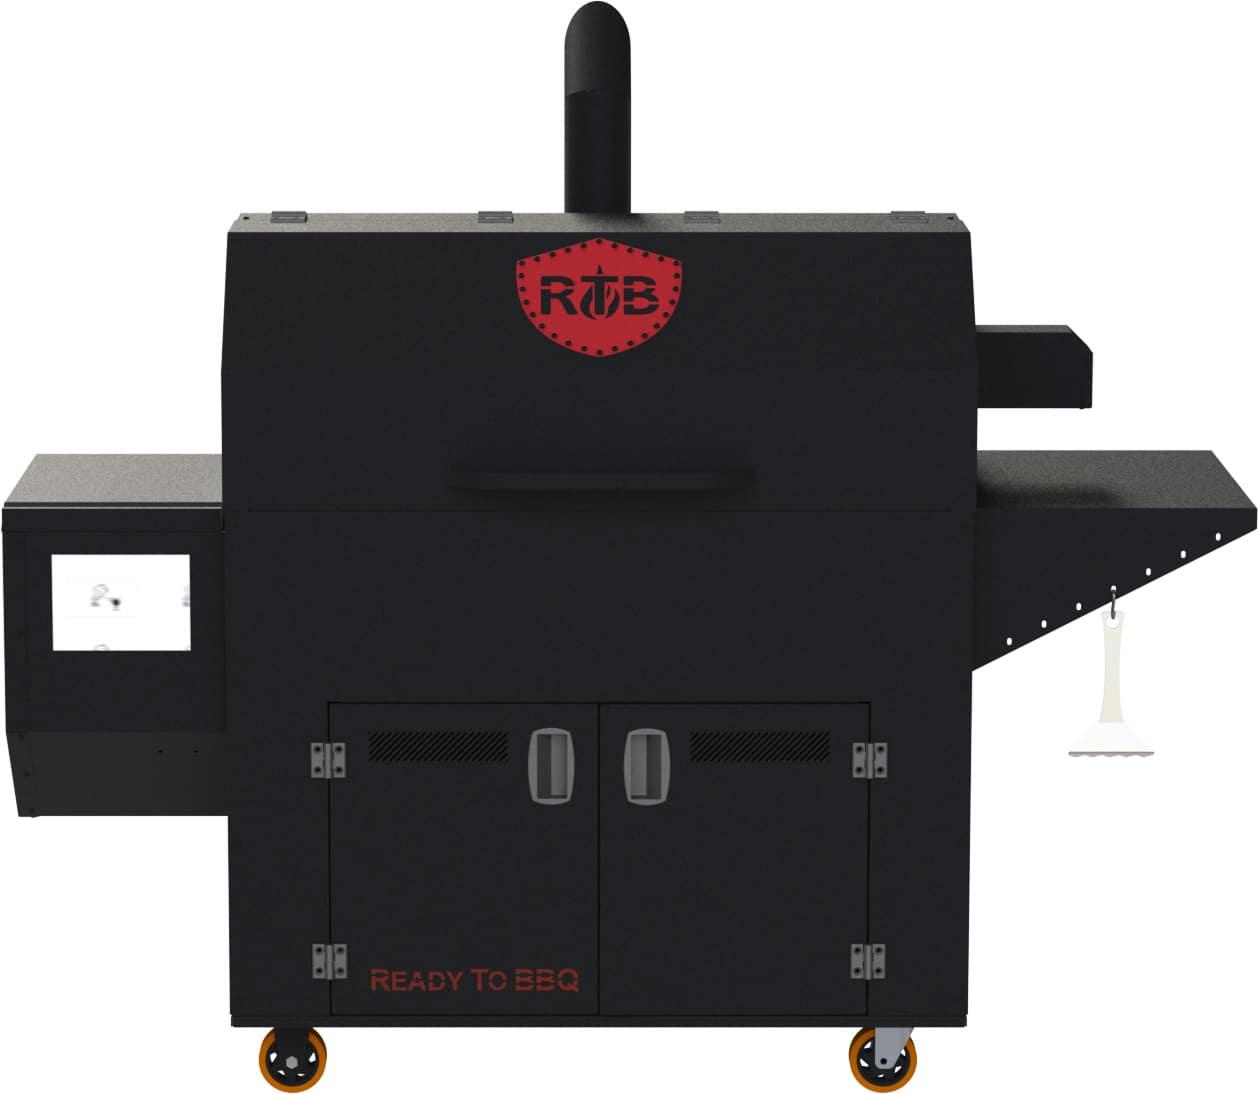 barbecue rtb - GF Services